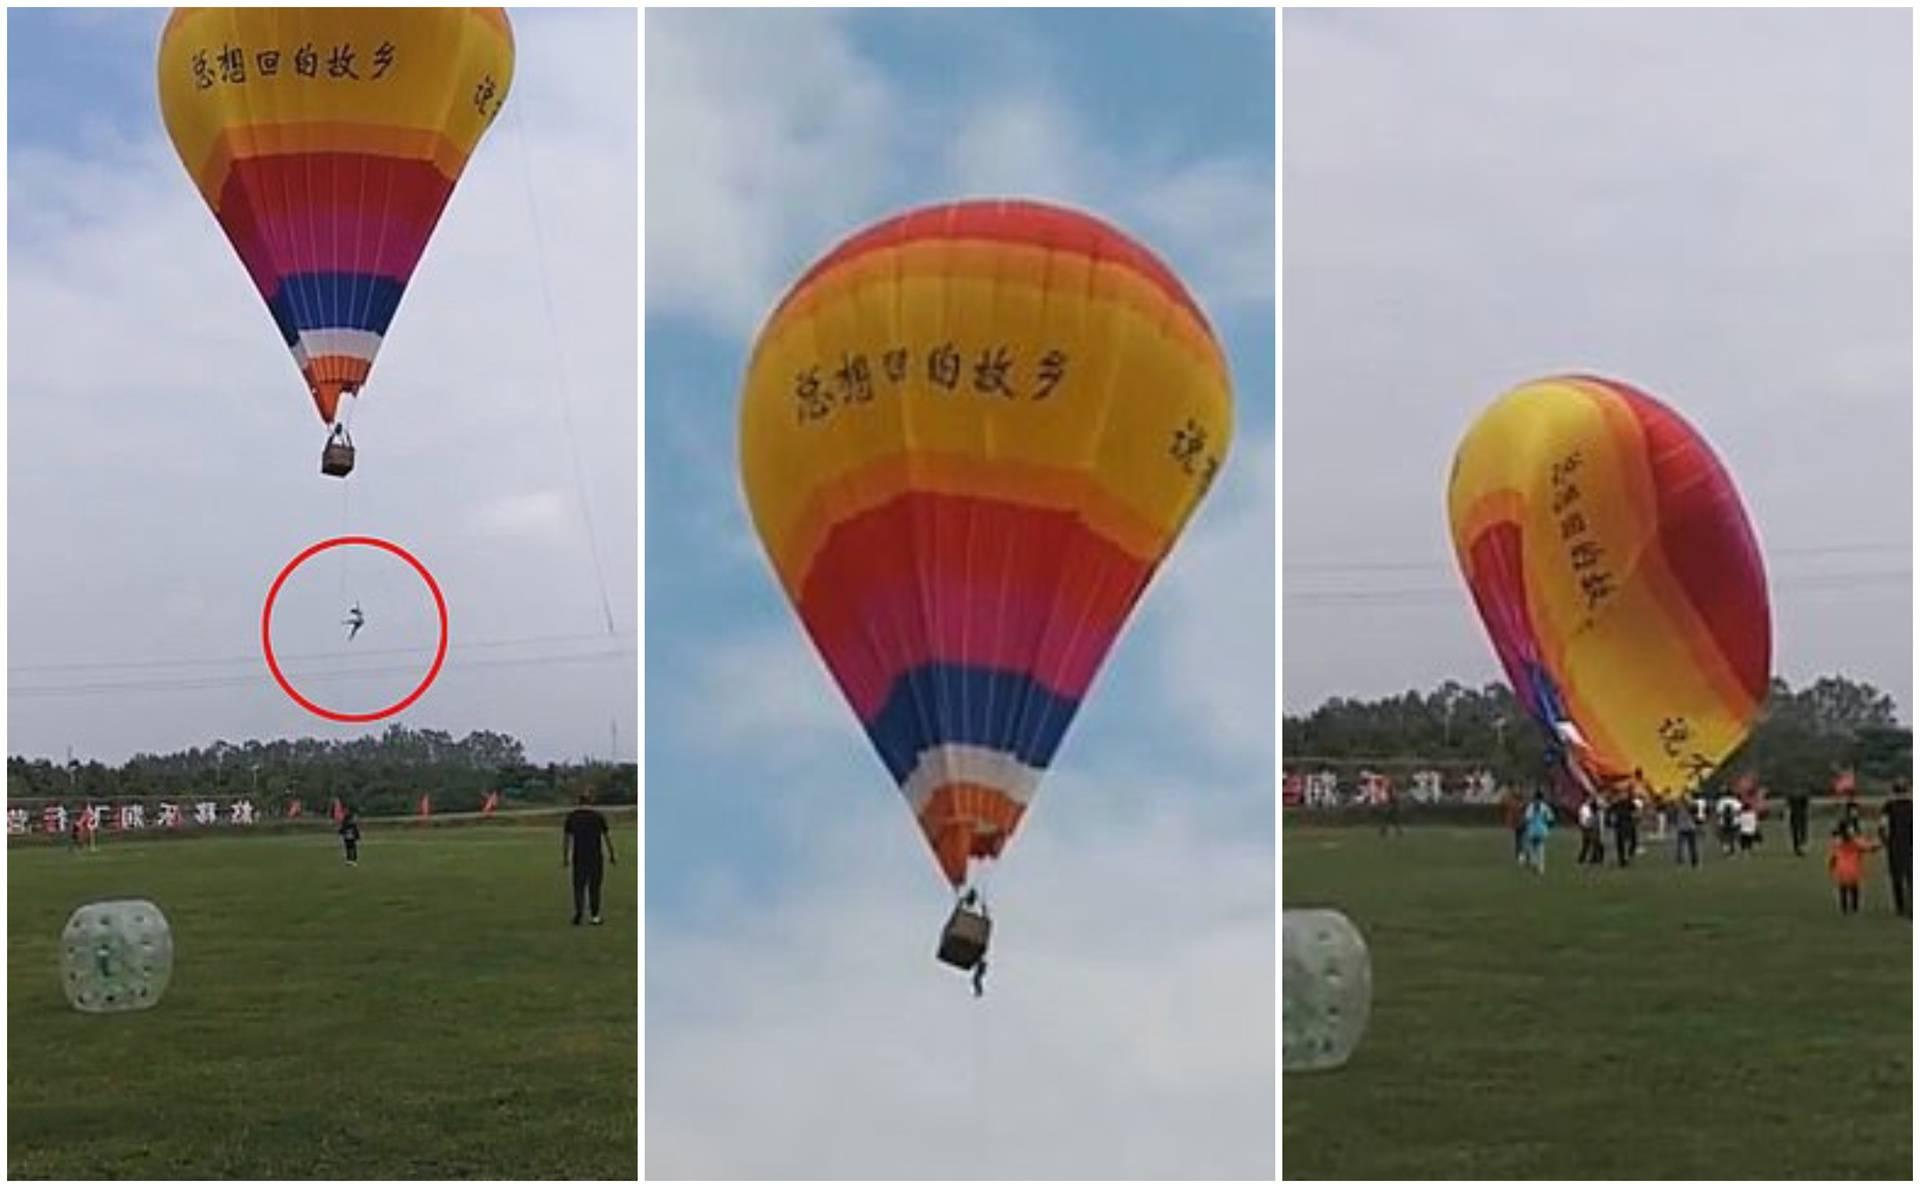 Visio s balona na zrak i pao 100 m u smrt: 'Bio mu je prvi dan na poslu, očito nije slušao upute'